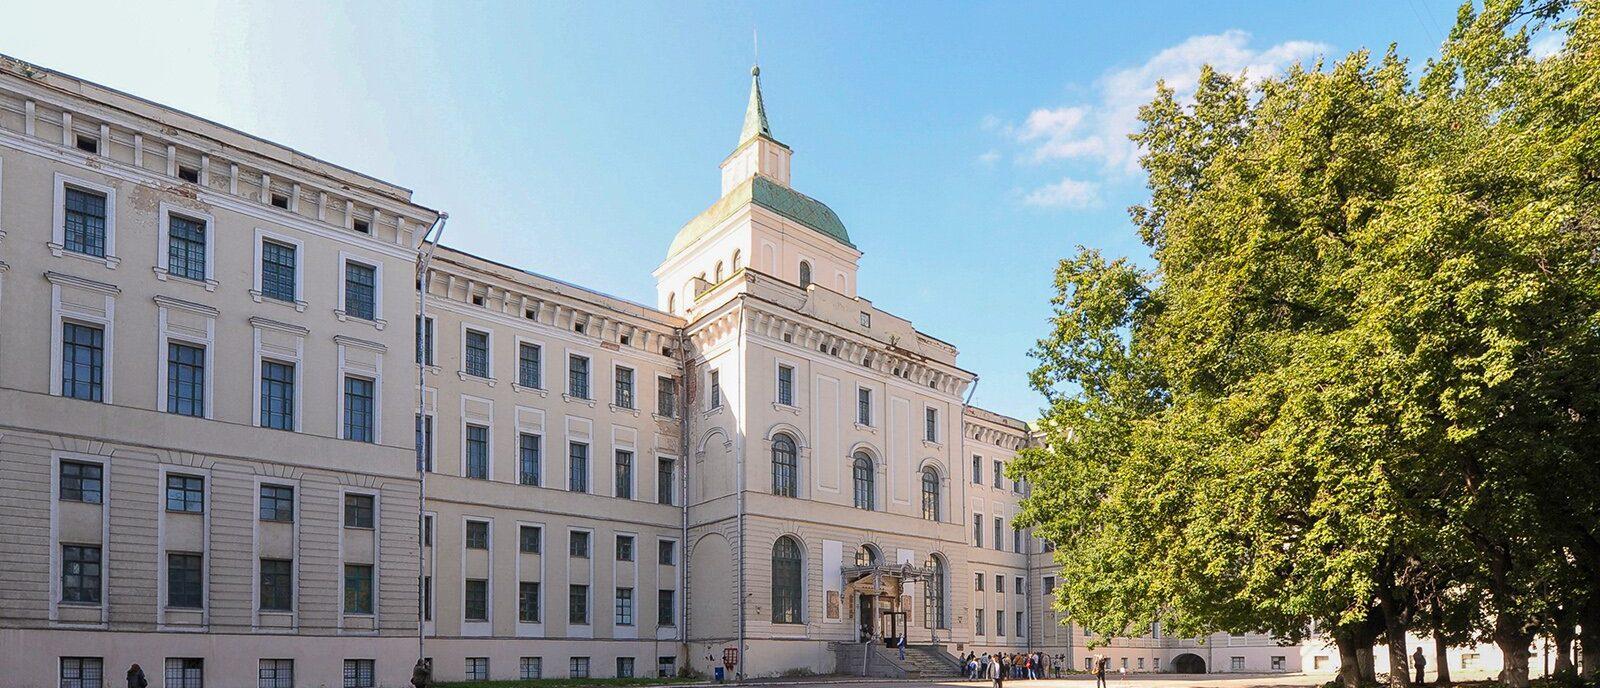 Пять объектов культурного наследия центра Москвы отреставрируют до конца года. Фото: сайт мэра Москвы